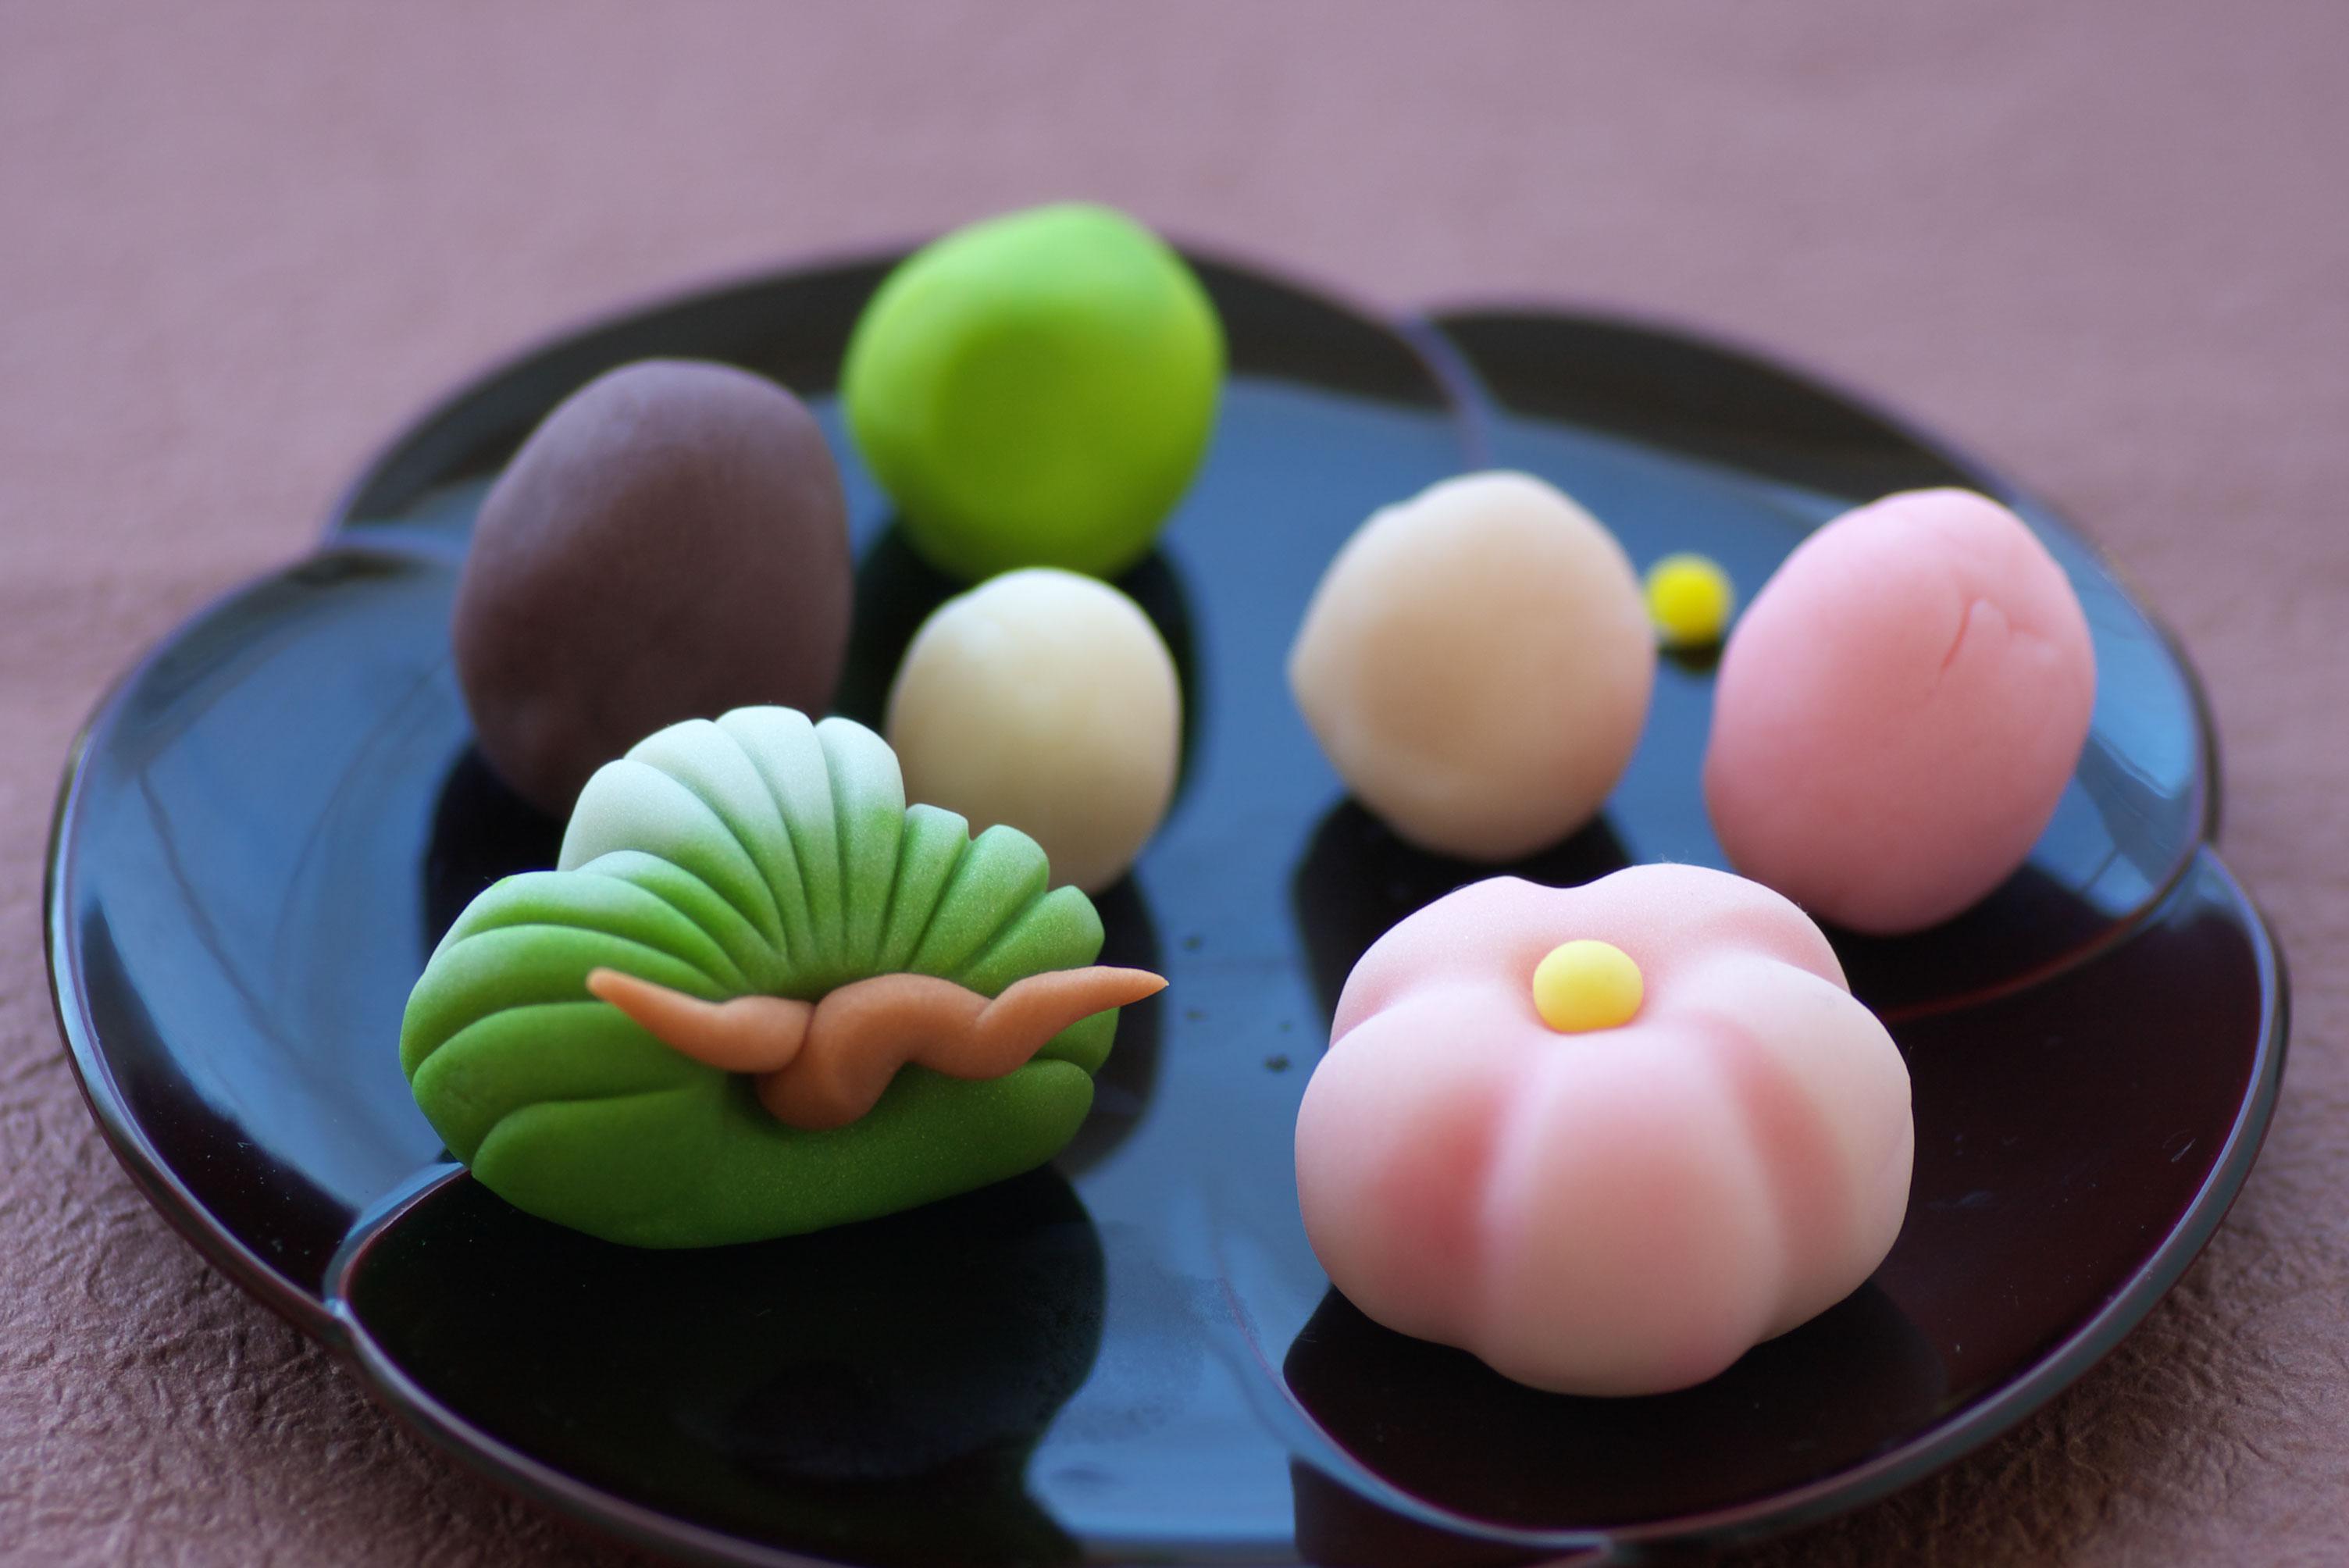 リモートでの和菓子作り体験も行っております。コロナの時でも、ベテランの和菓子職人がご指導させて頂き、和菓子作りを行って頂けます。冬にはぴったりのおめでたい松と梅です。